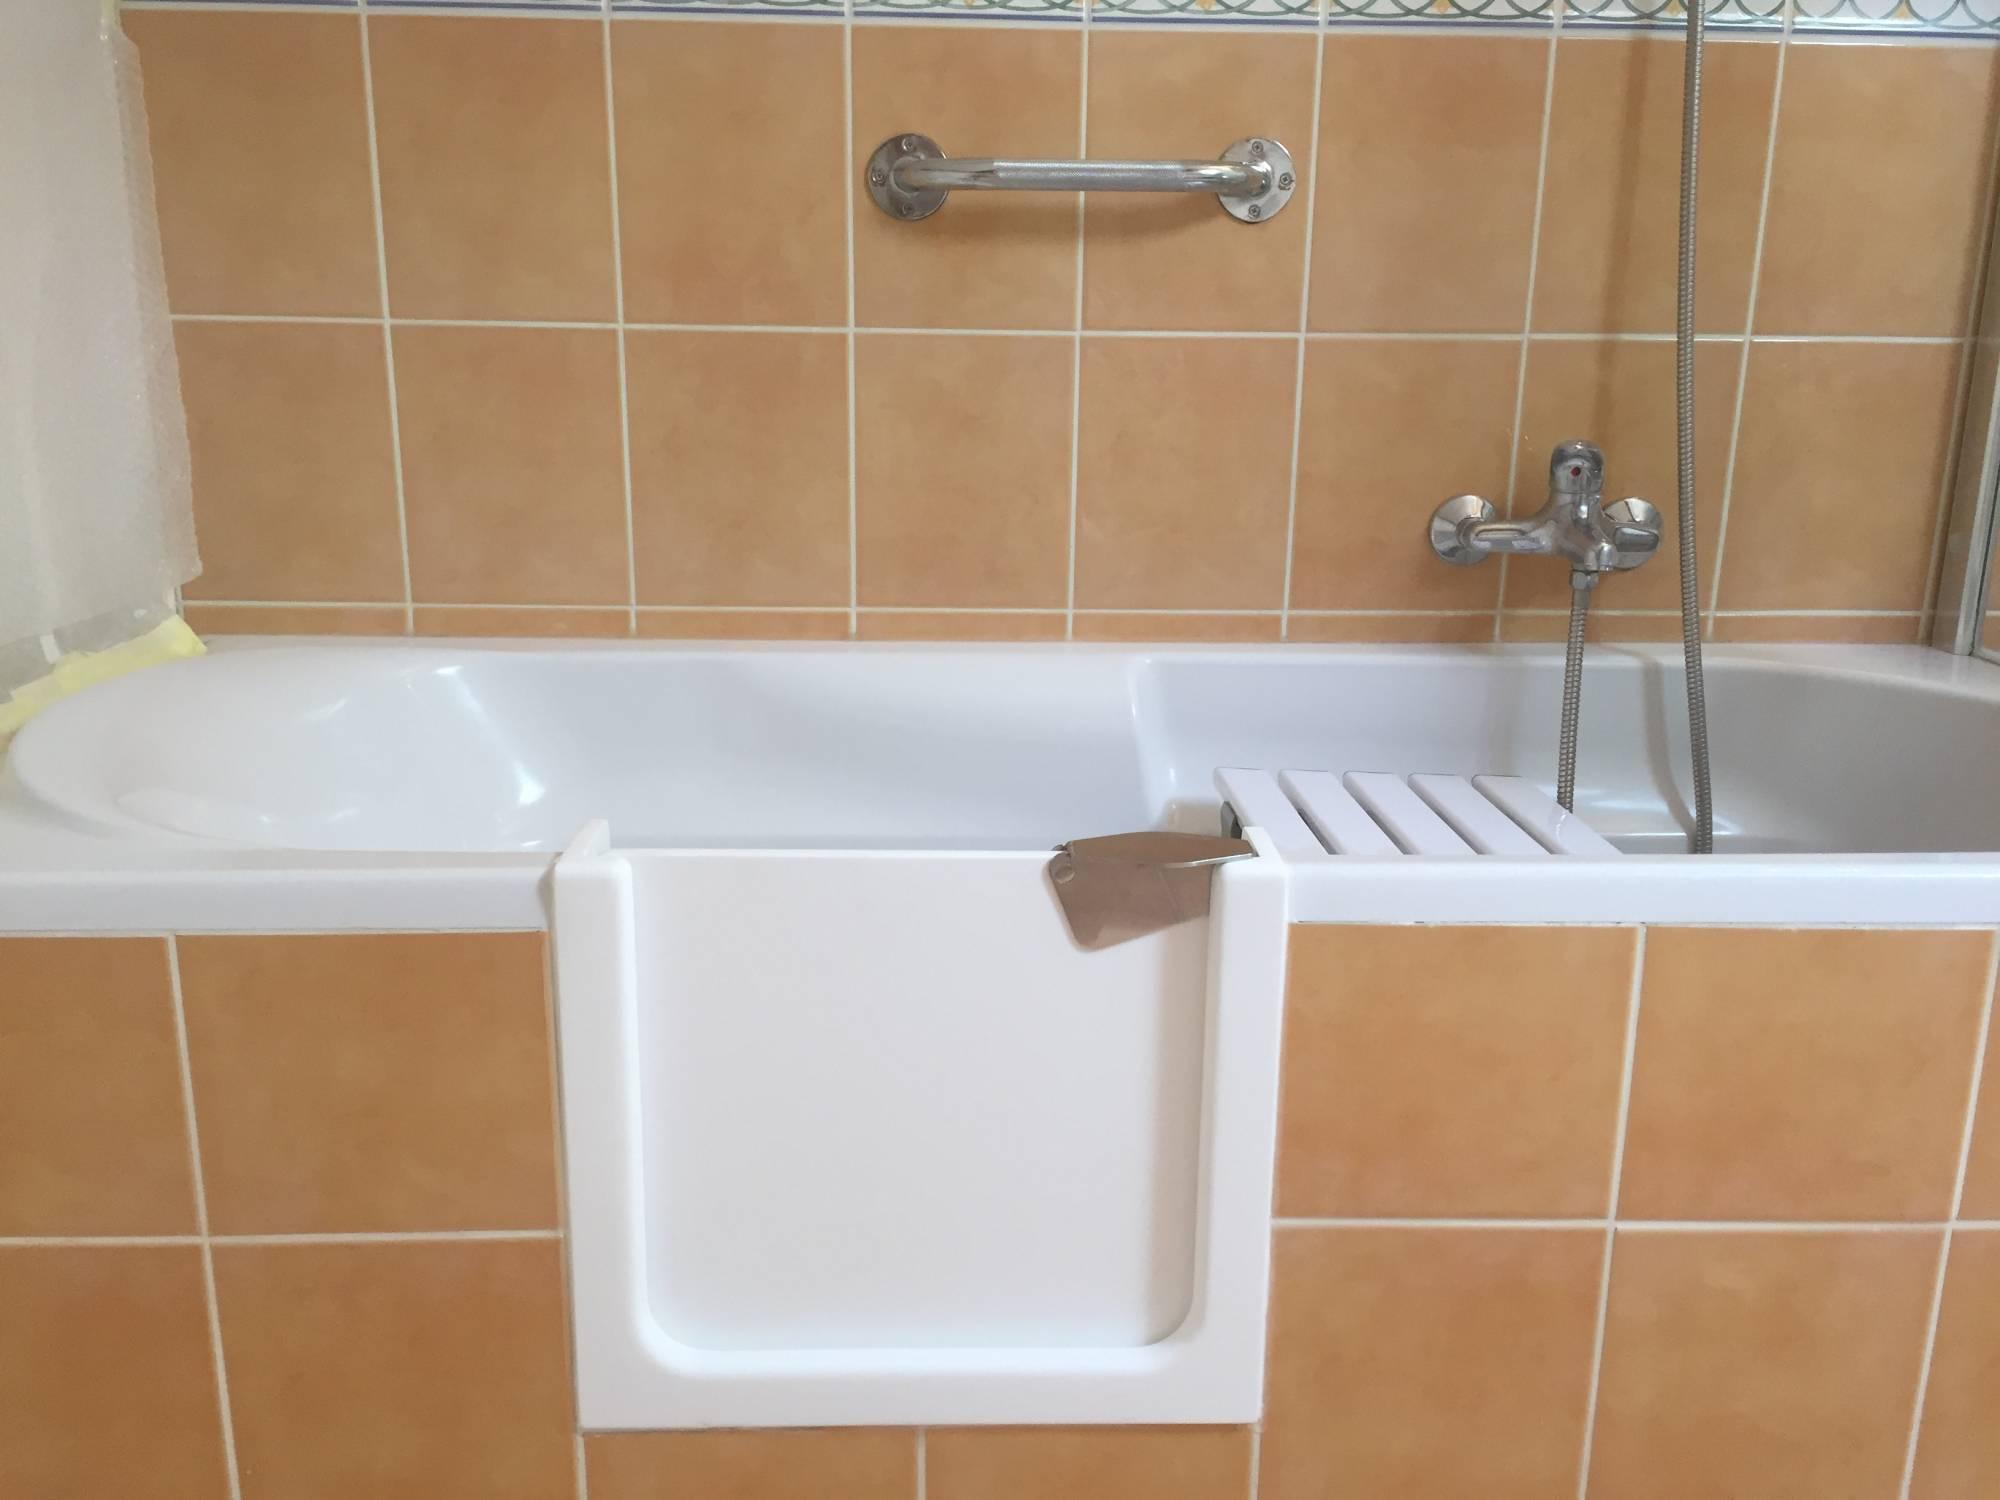 Transformer Une Baignoire En Un Bac De Douche La Rochelle 17000